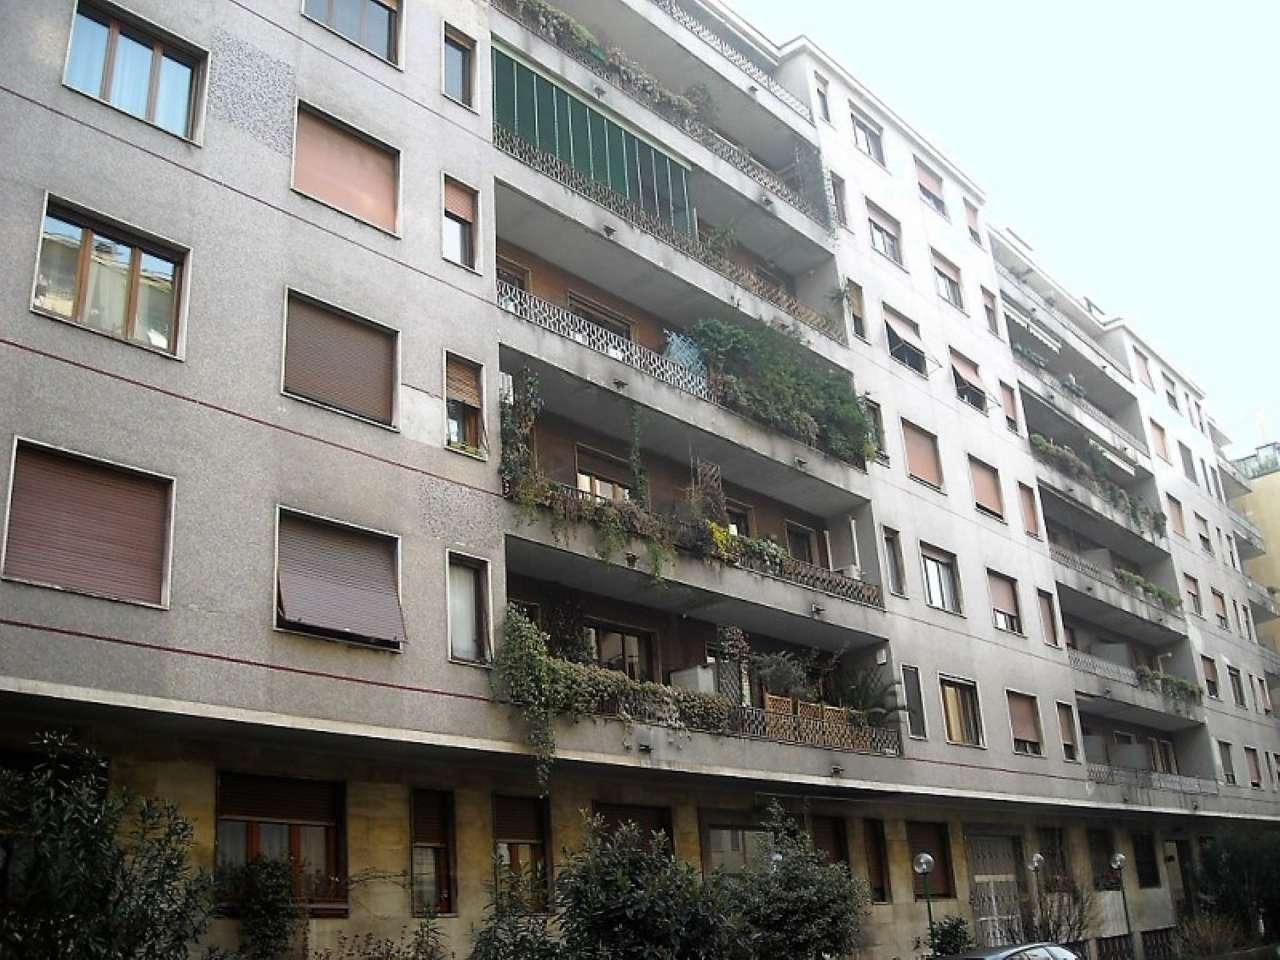 Appartamento in vendita a Milano, 4 locali, zona Zona: 15 . Fiera, Firenze, Sempione, Pagano, Amendola, Paolo Sarpi, Arena, prezzo € 498.000 | Cambio Casa.it